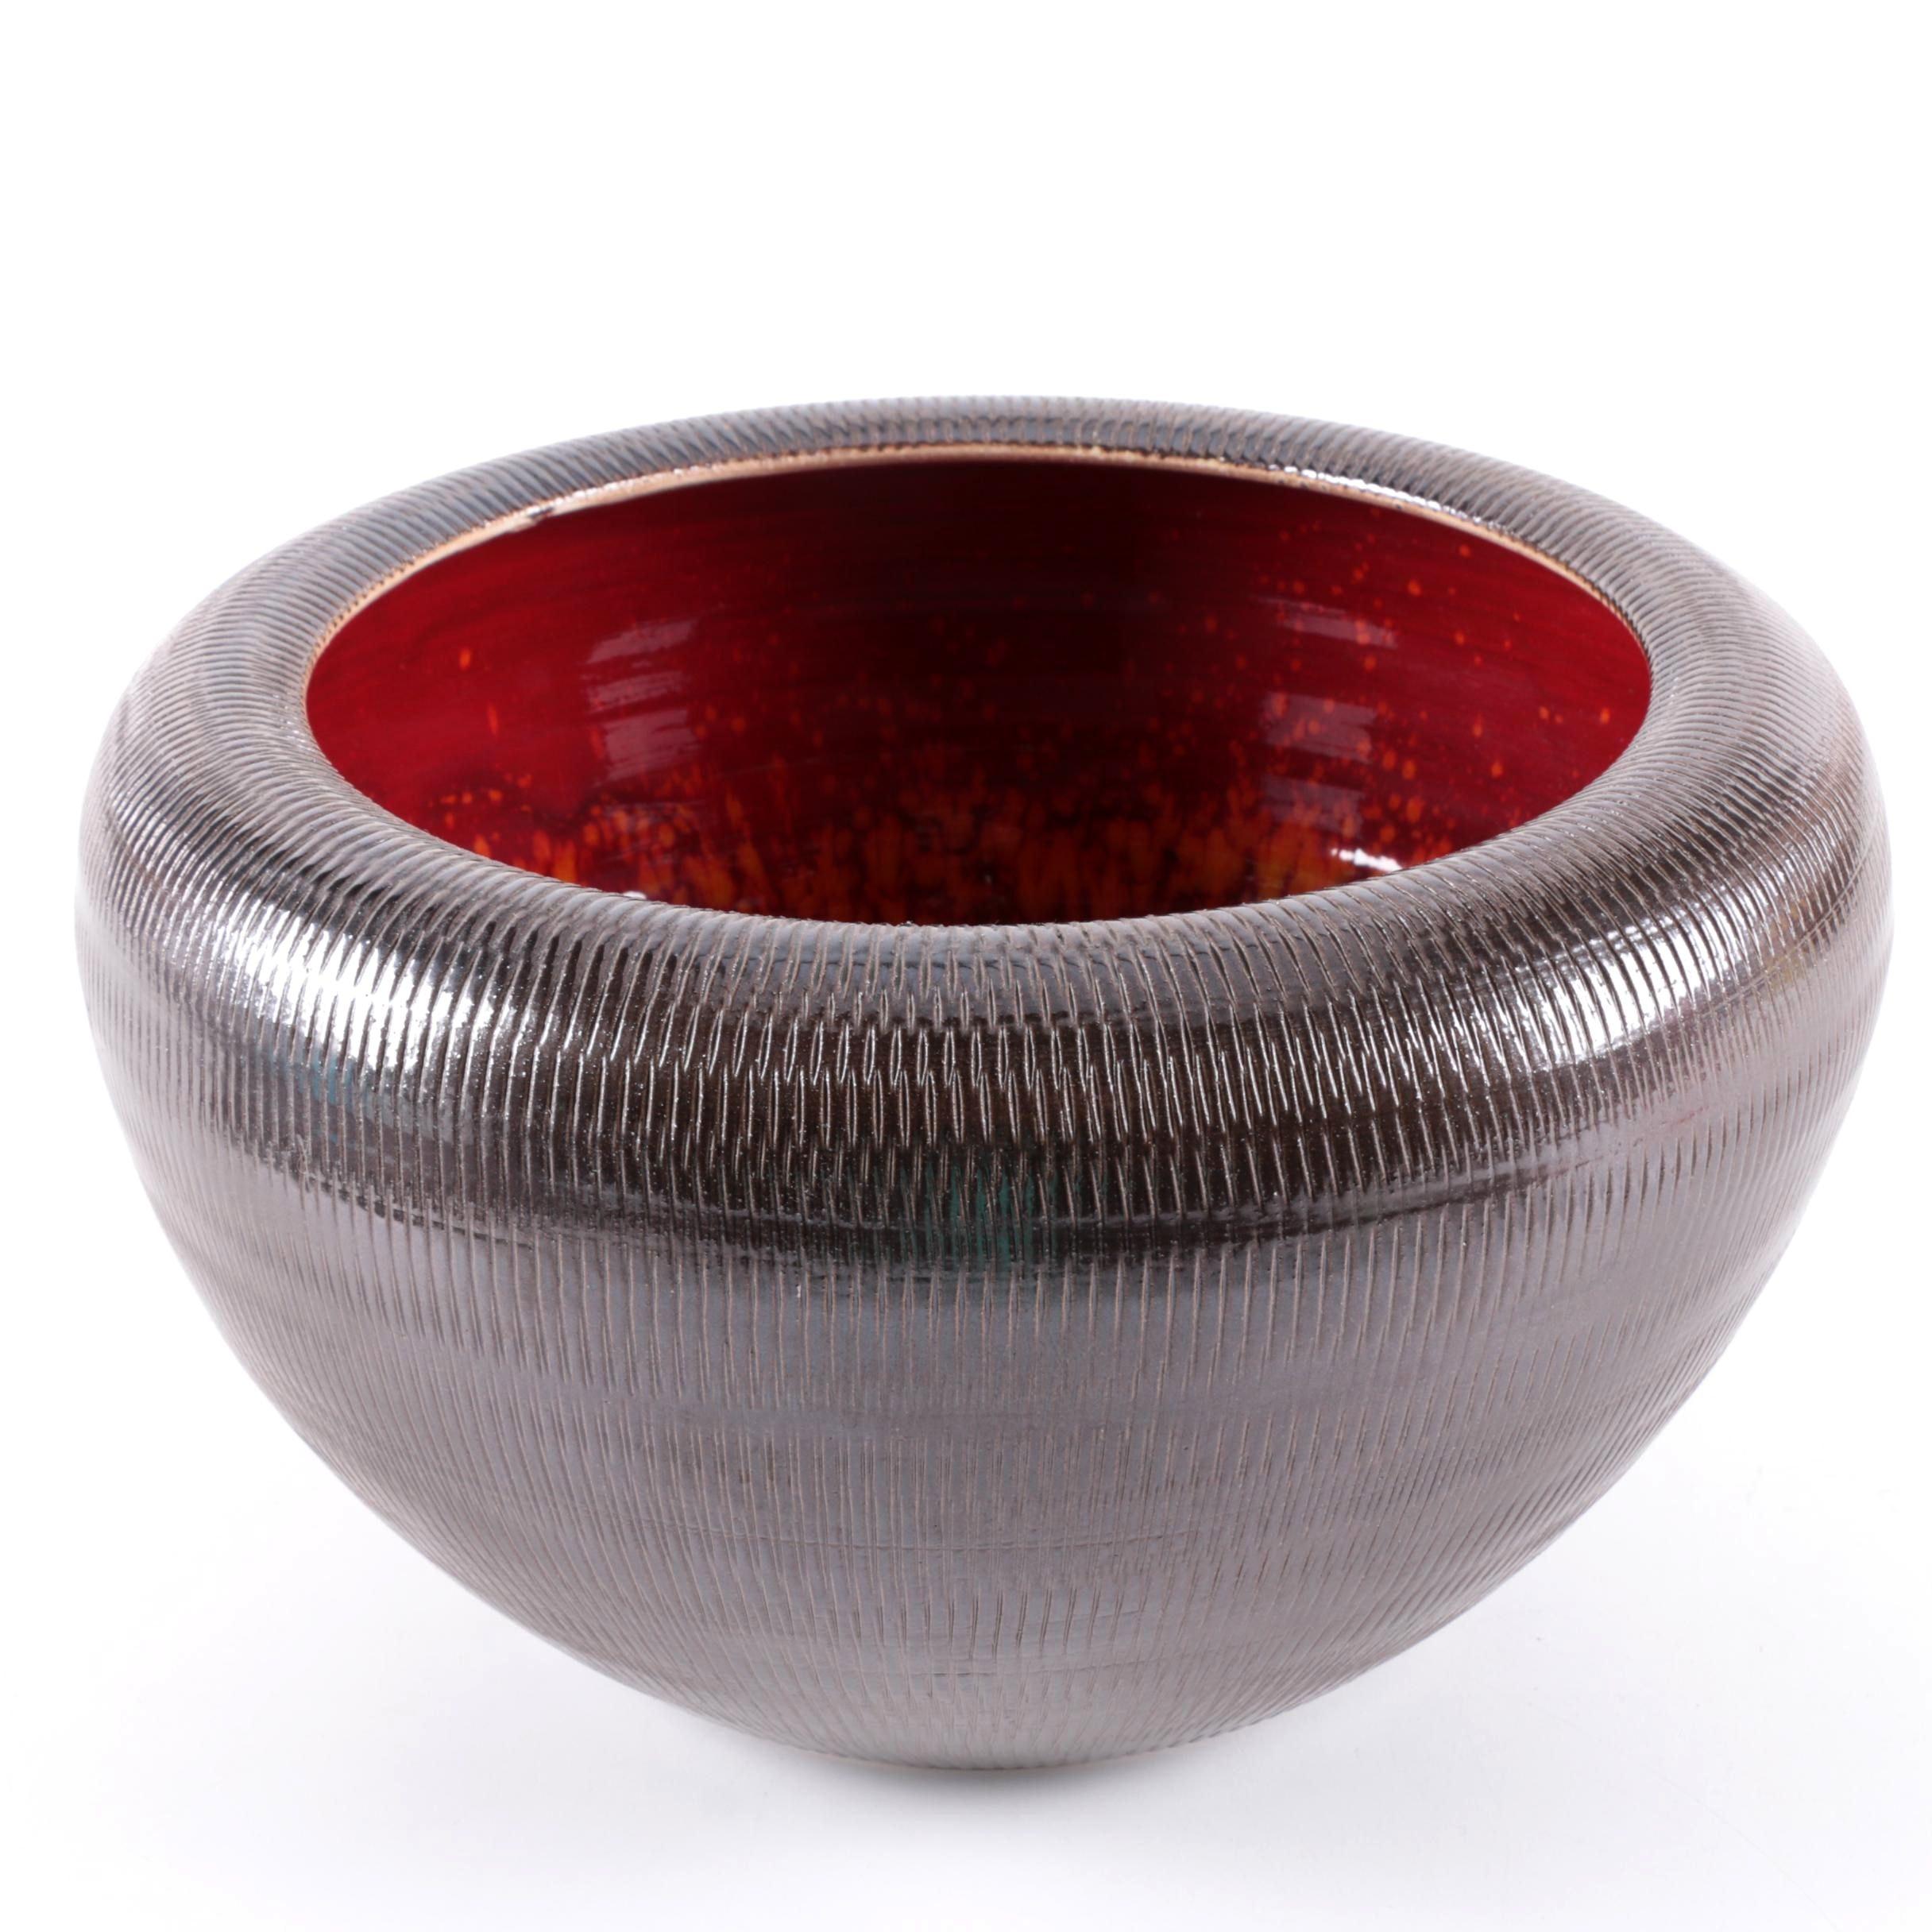 Poole Studio Ceramic Bowl Vase